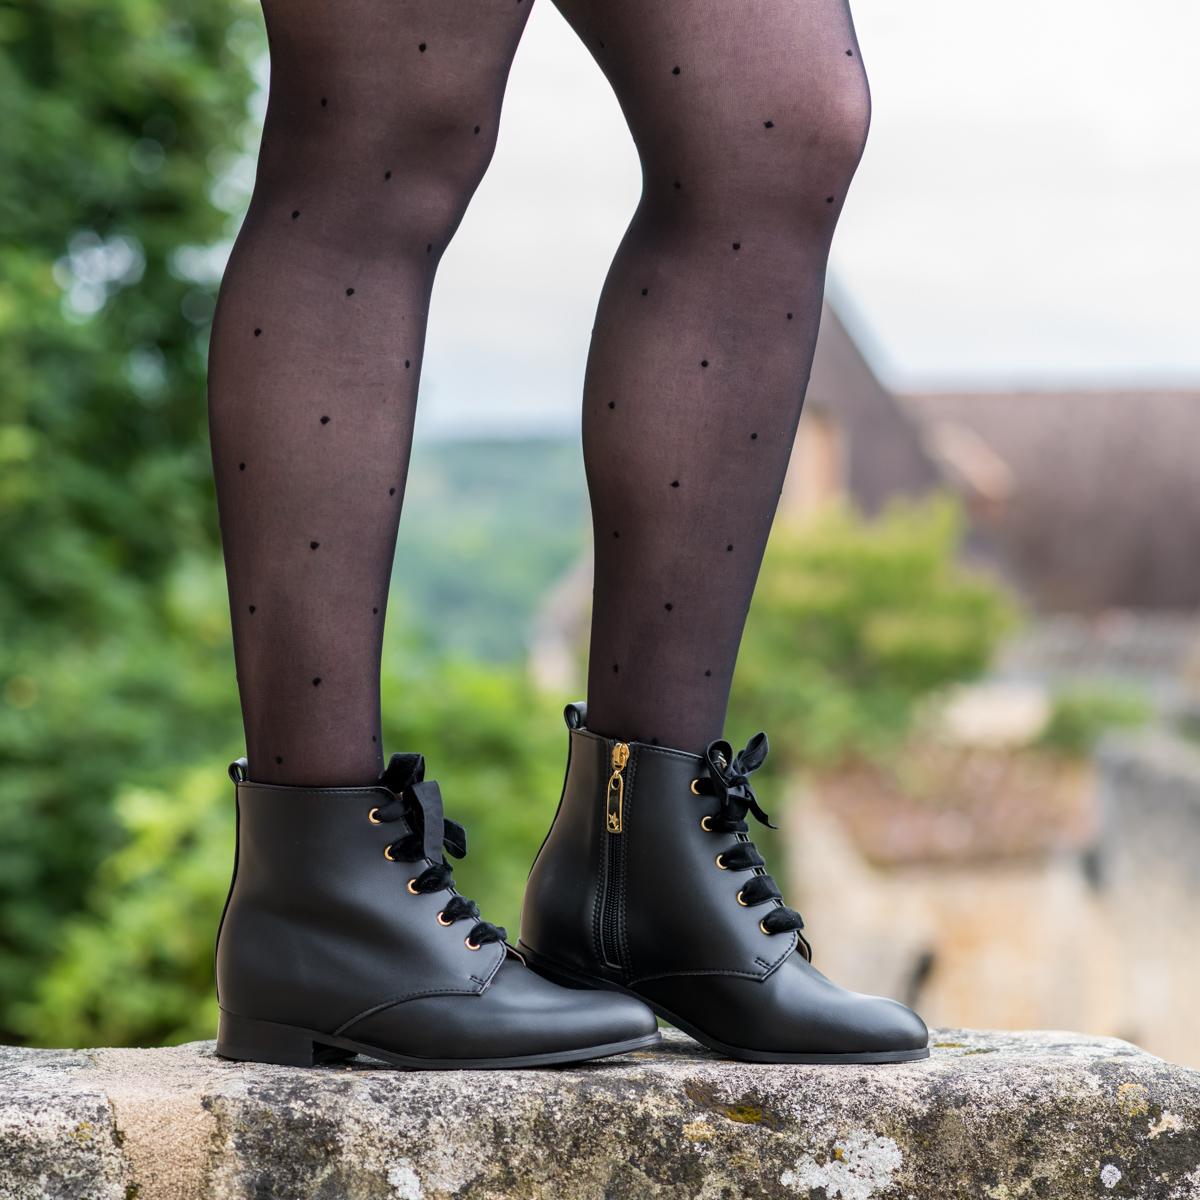 Bottines à lacets vegan écologiques noires pour femme d'occasion Mystère l'Aurore par Minuit sur Terre